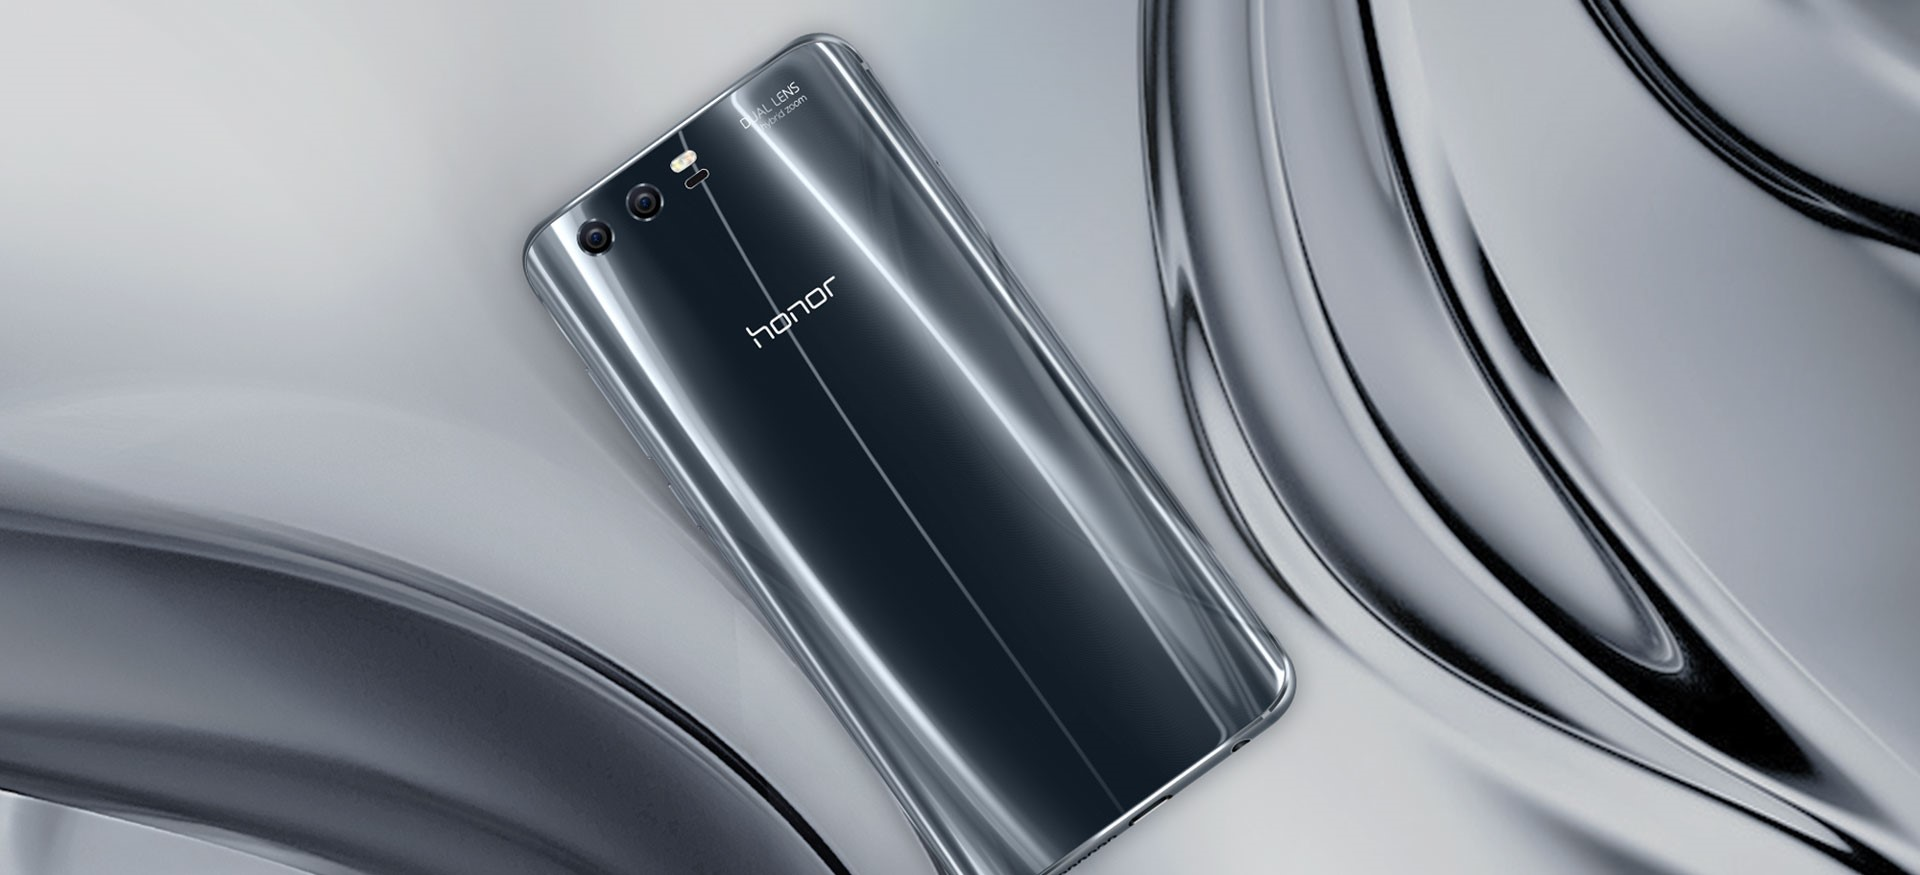 Έφτασαν τα Huawei Honor 9 και Honor 6A